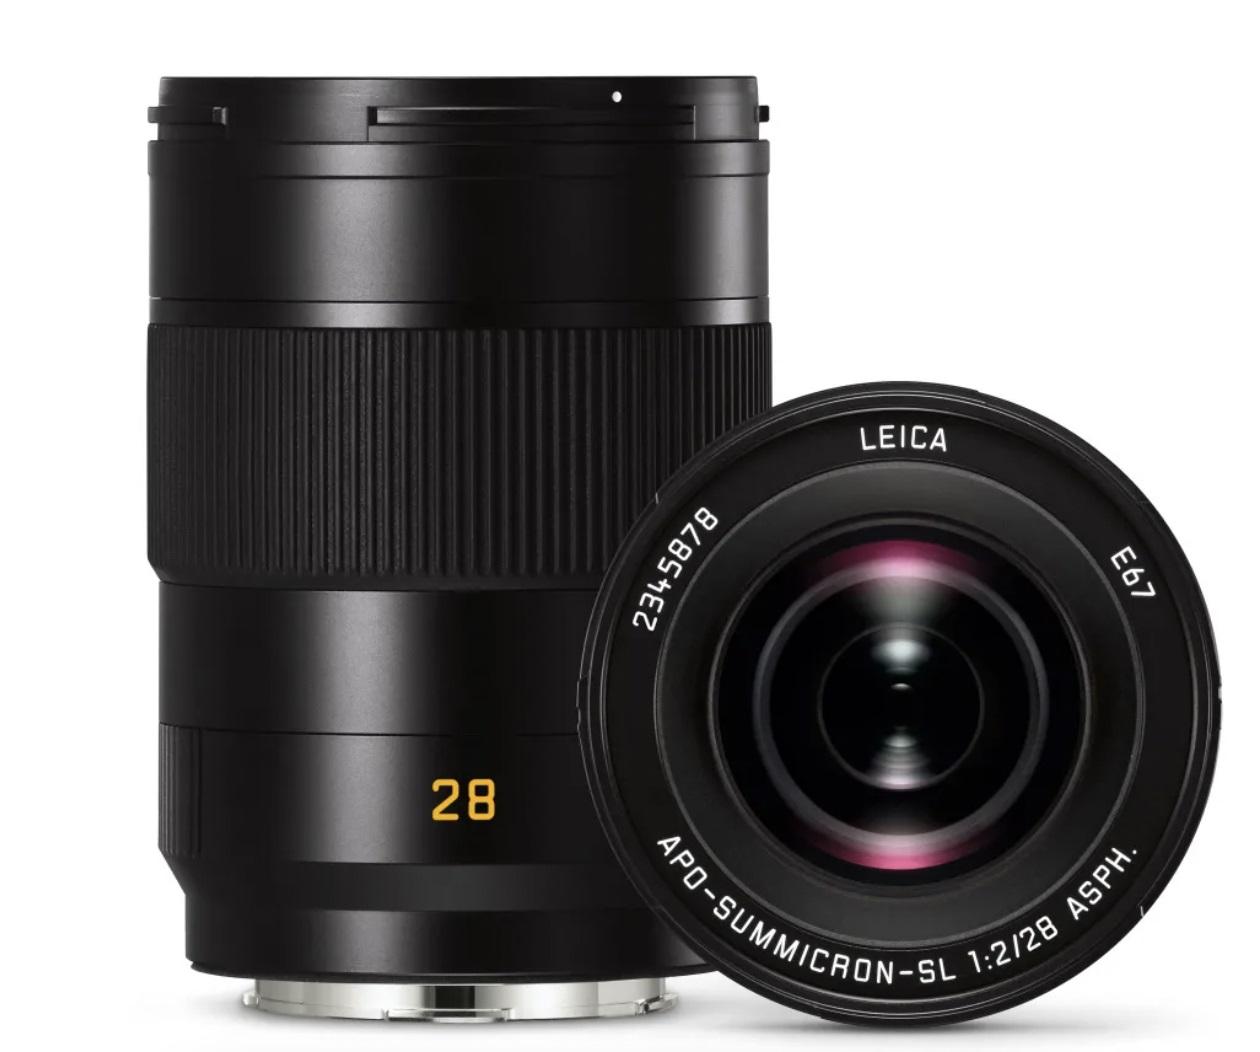 徕卡发布APO-Summicron-SL 28 f/2 ASPH.镜头 基于L卡口标准